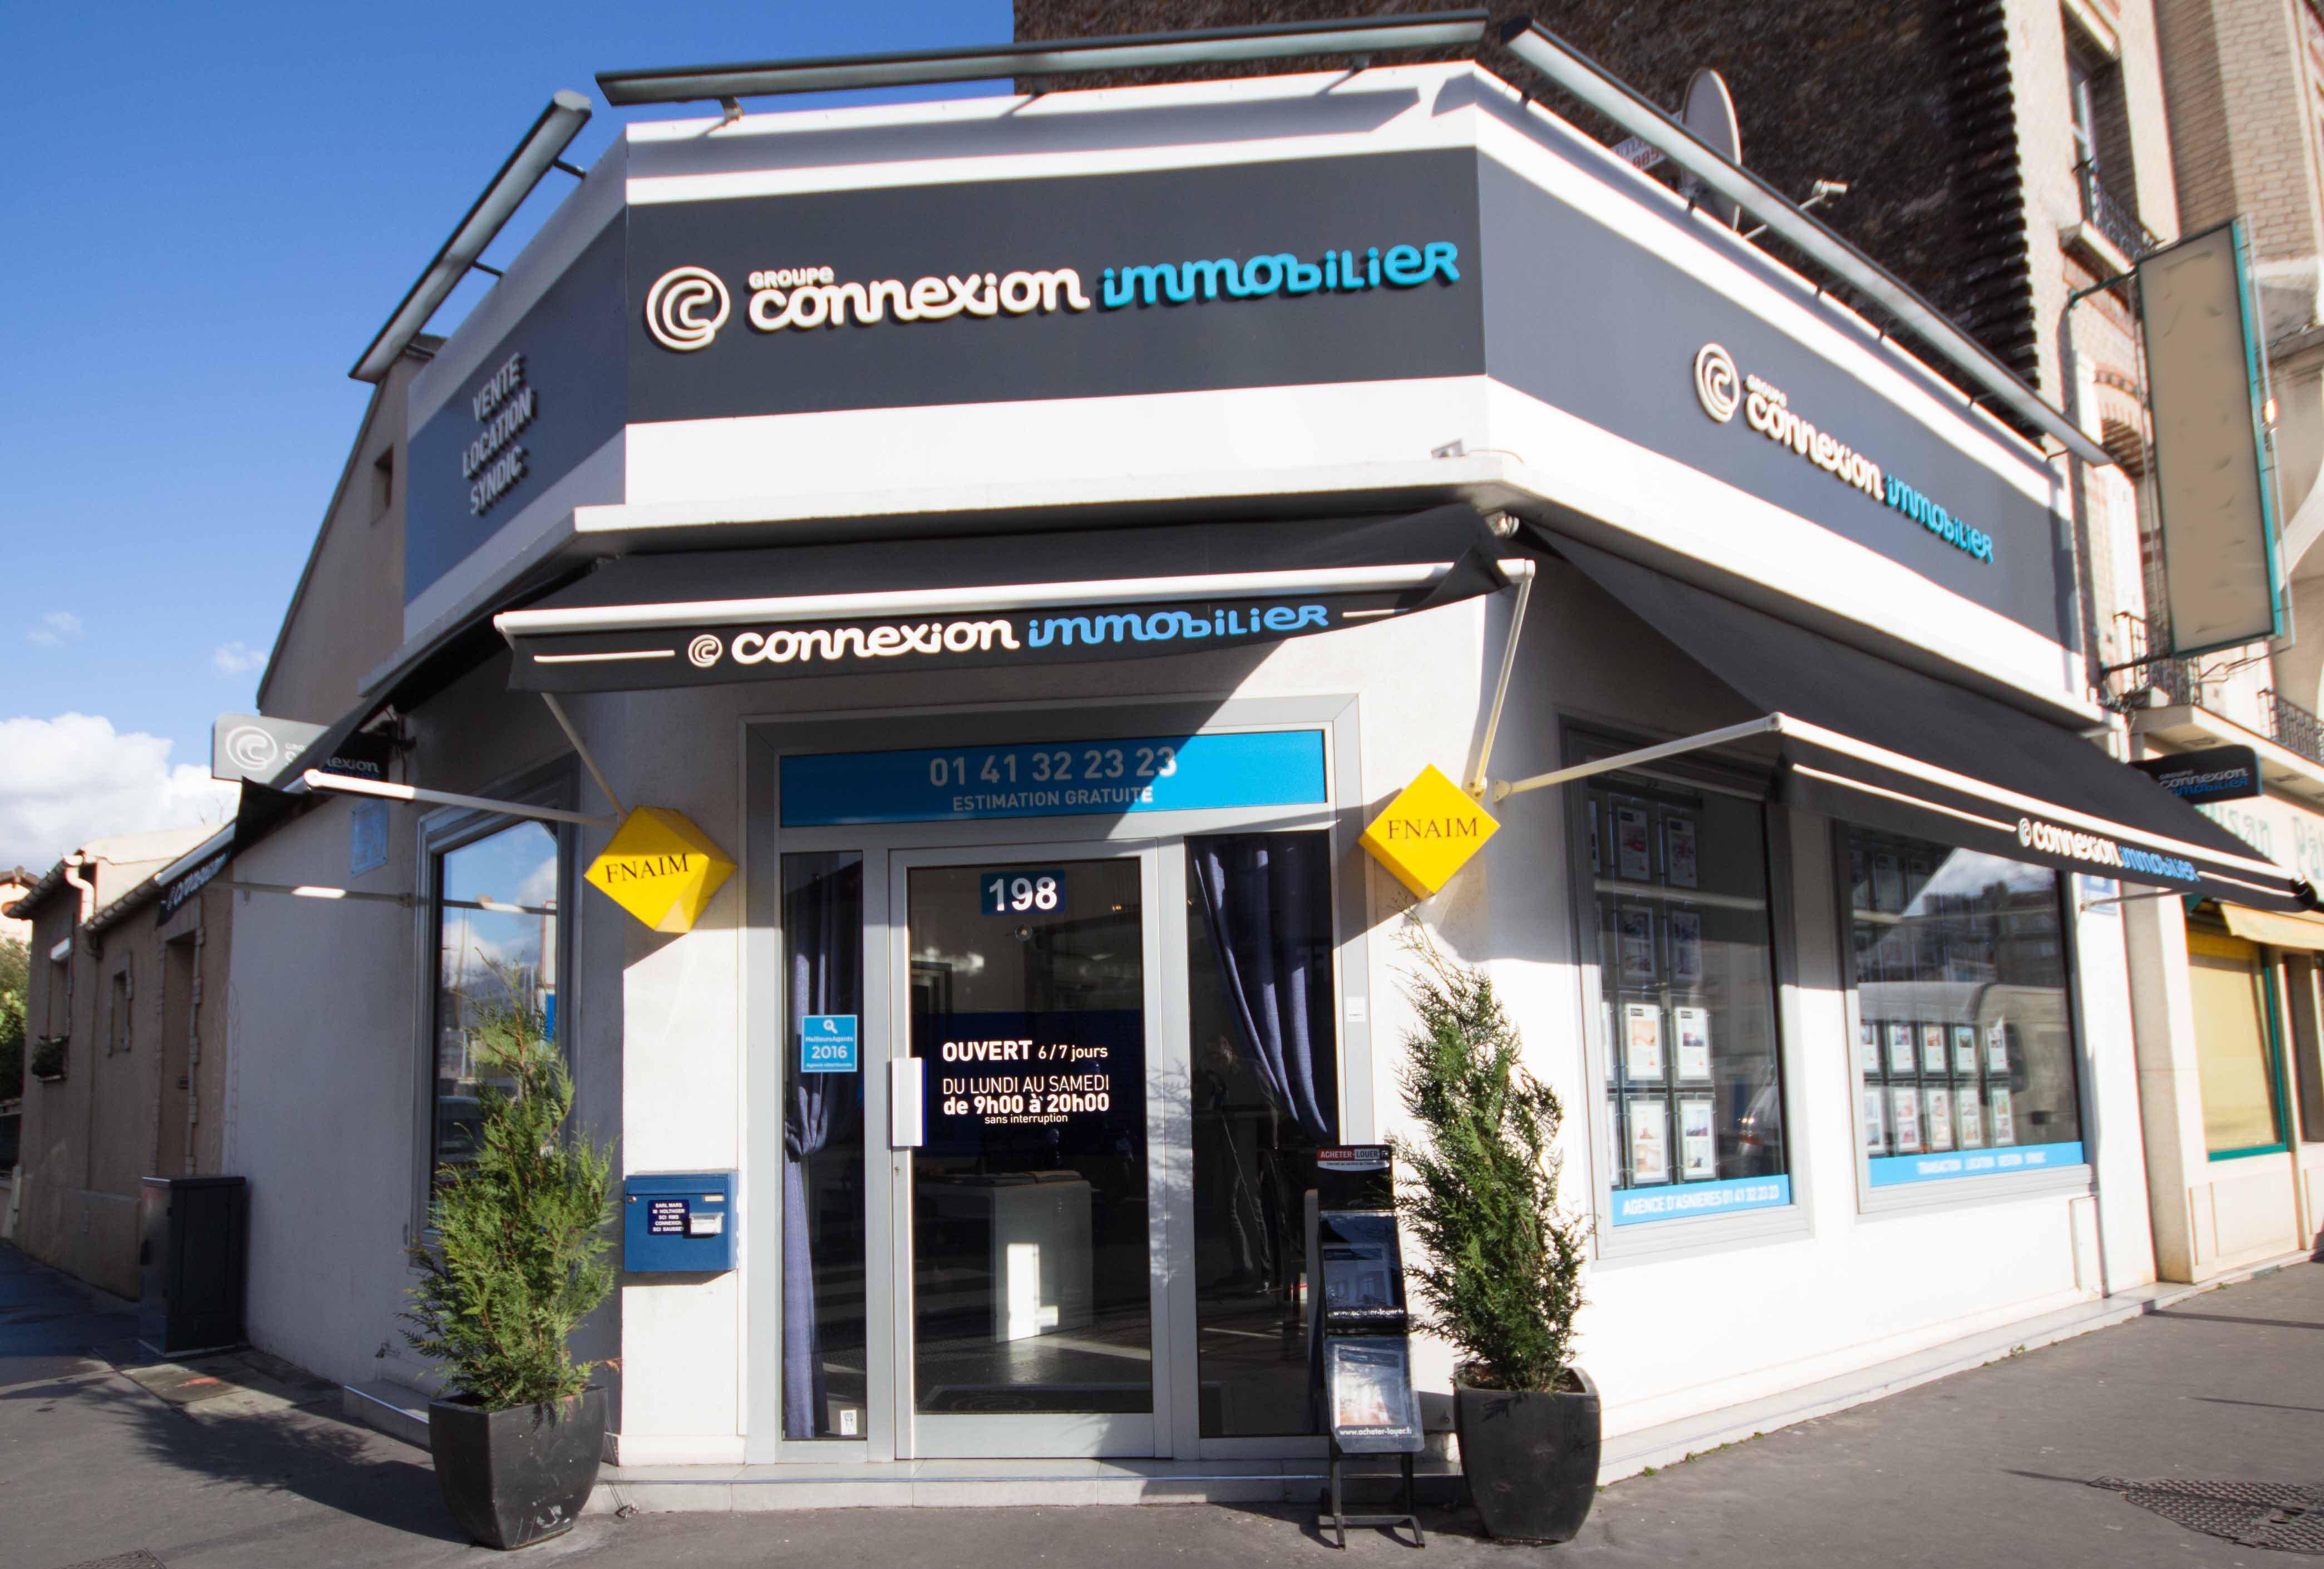 Image de l'agence Connexion Immobilier Asnières-sur-seine